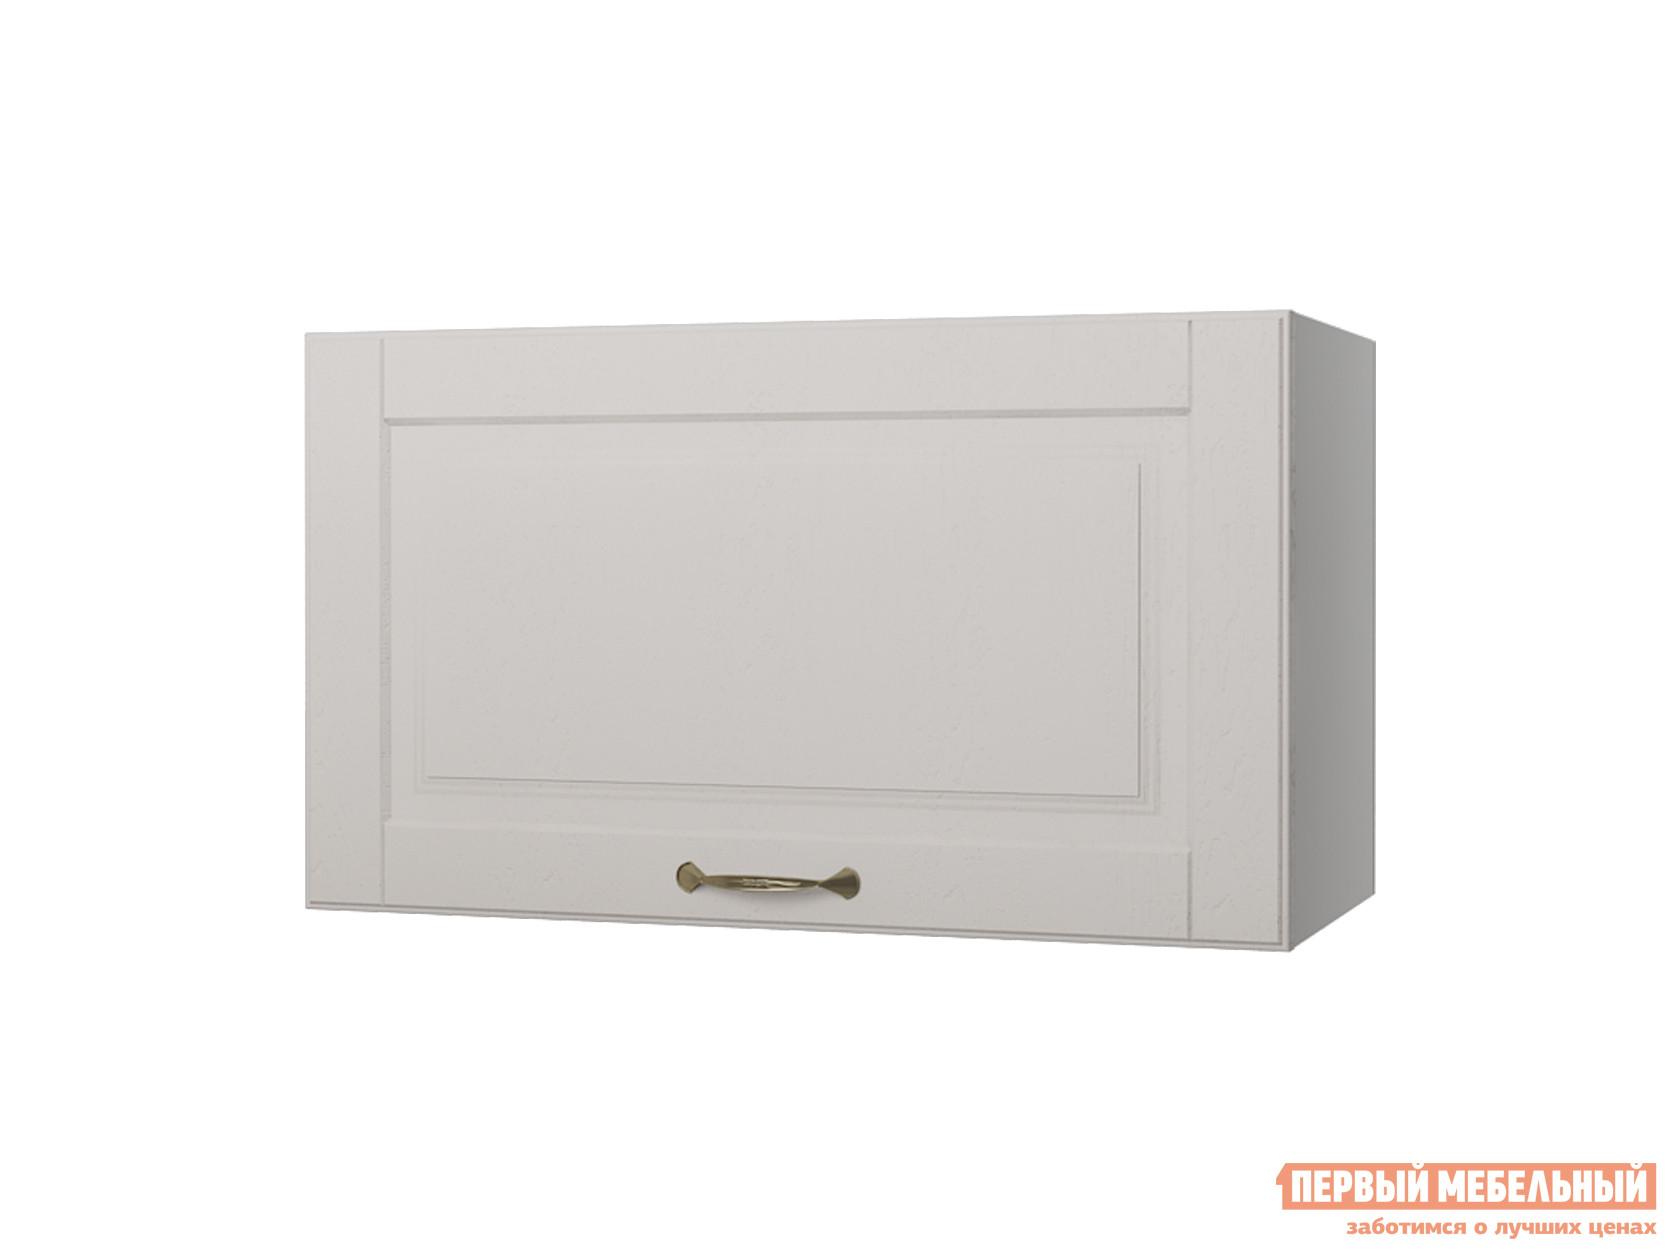 Кухонный модуль  Шкаф антресольный 1 дверь 60 см Палермо Мускат